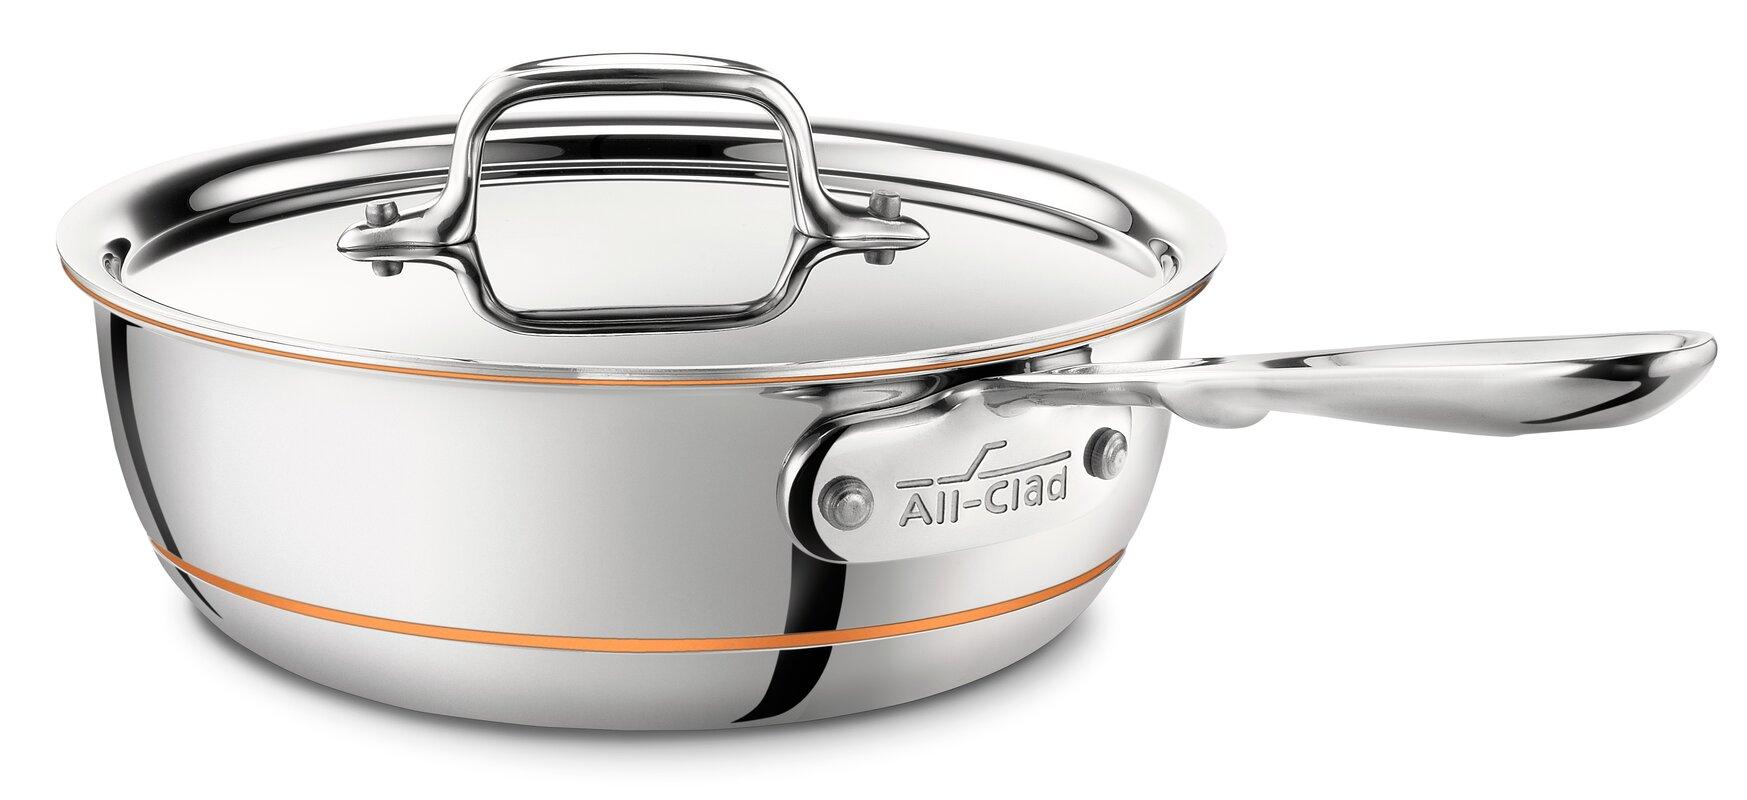 copper core 2qt saucier with lid